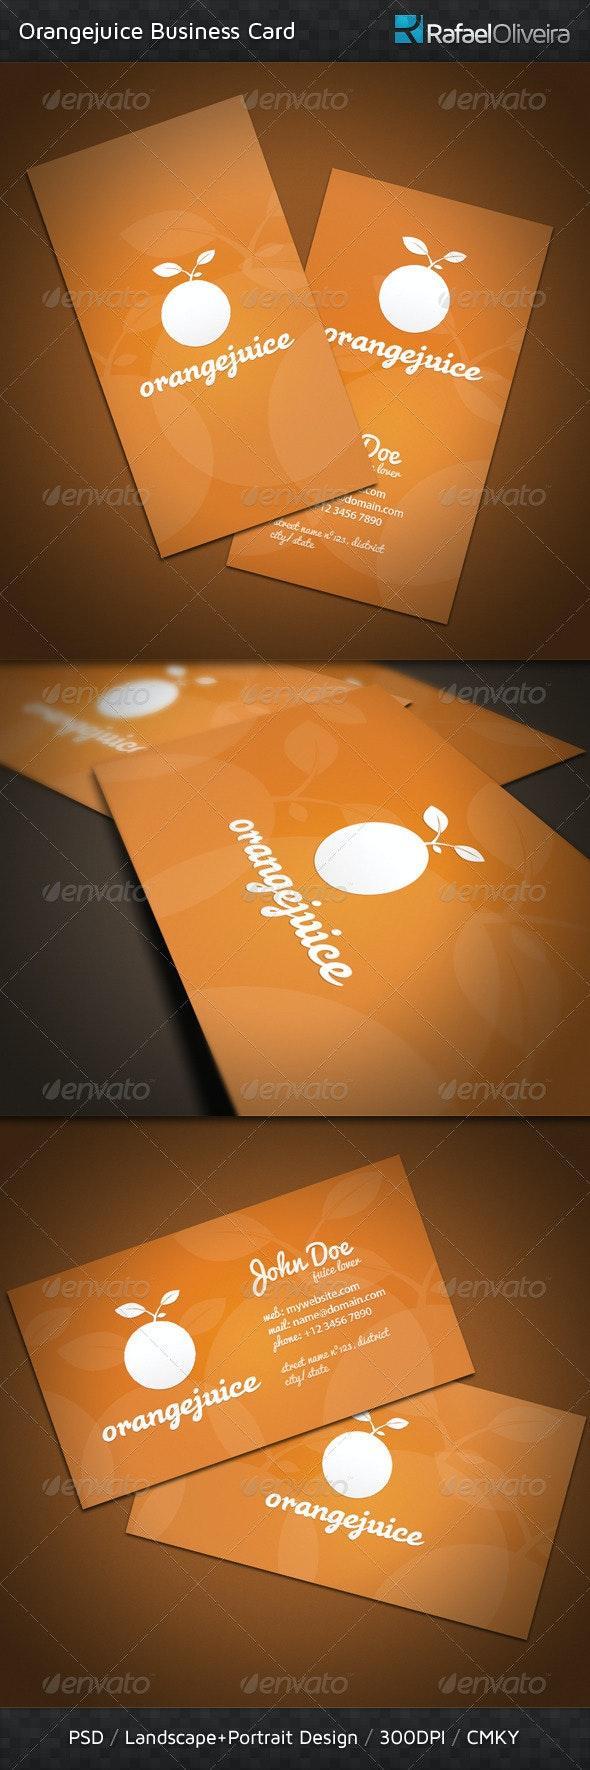 Orangejuice Business Card - Corporate Business Cards